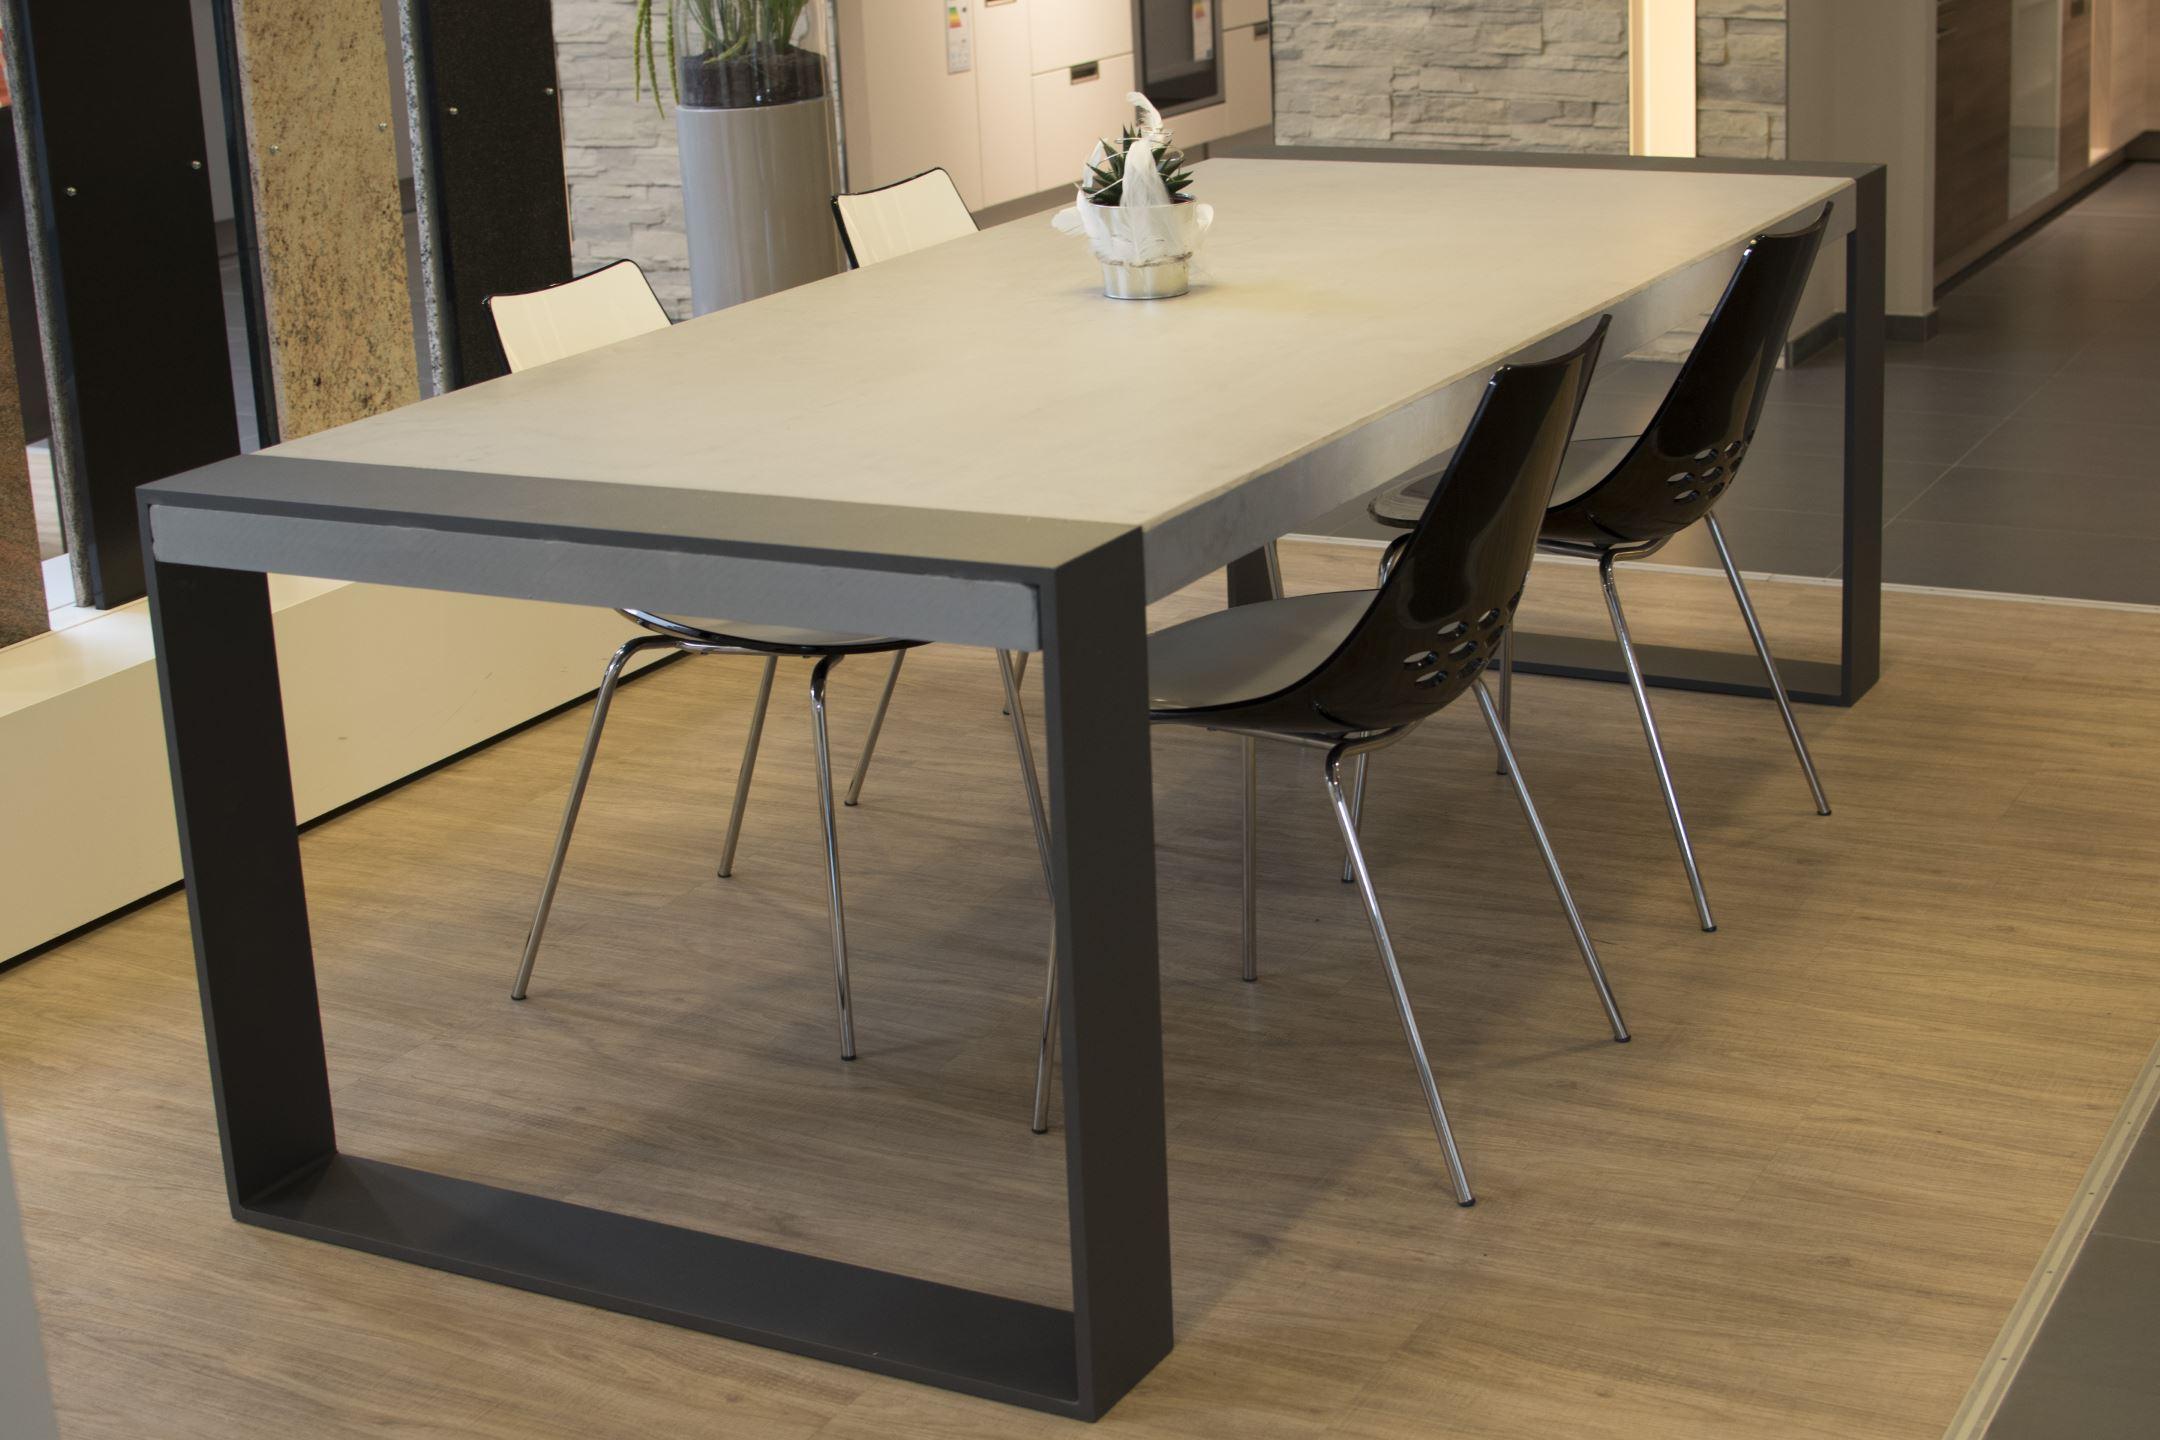 Maintisch Beton Tisch Betontist Masstisch Schreibtisch Esstisch